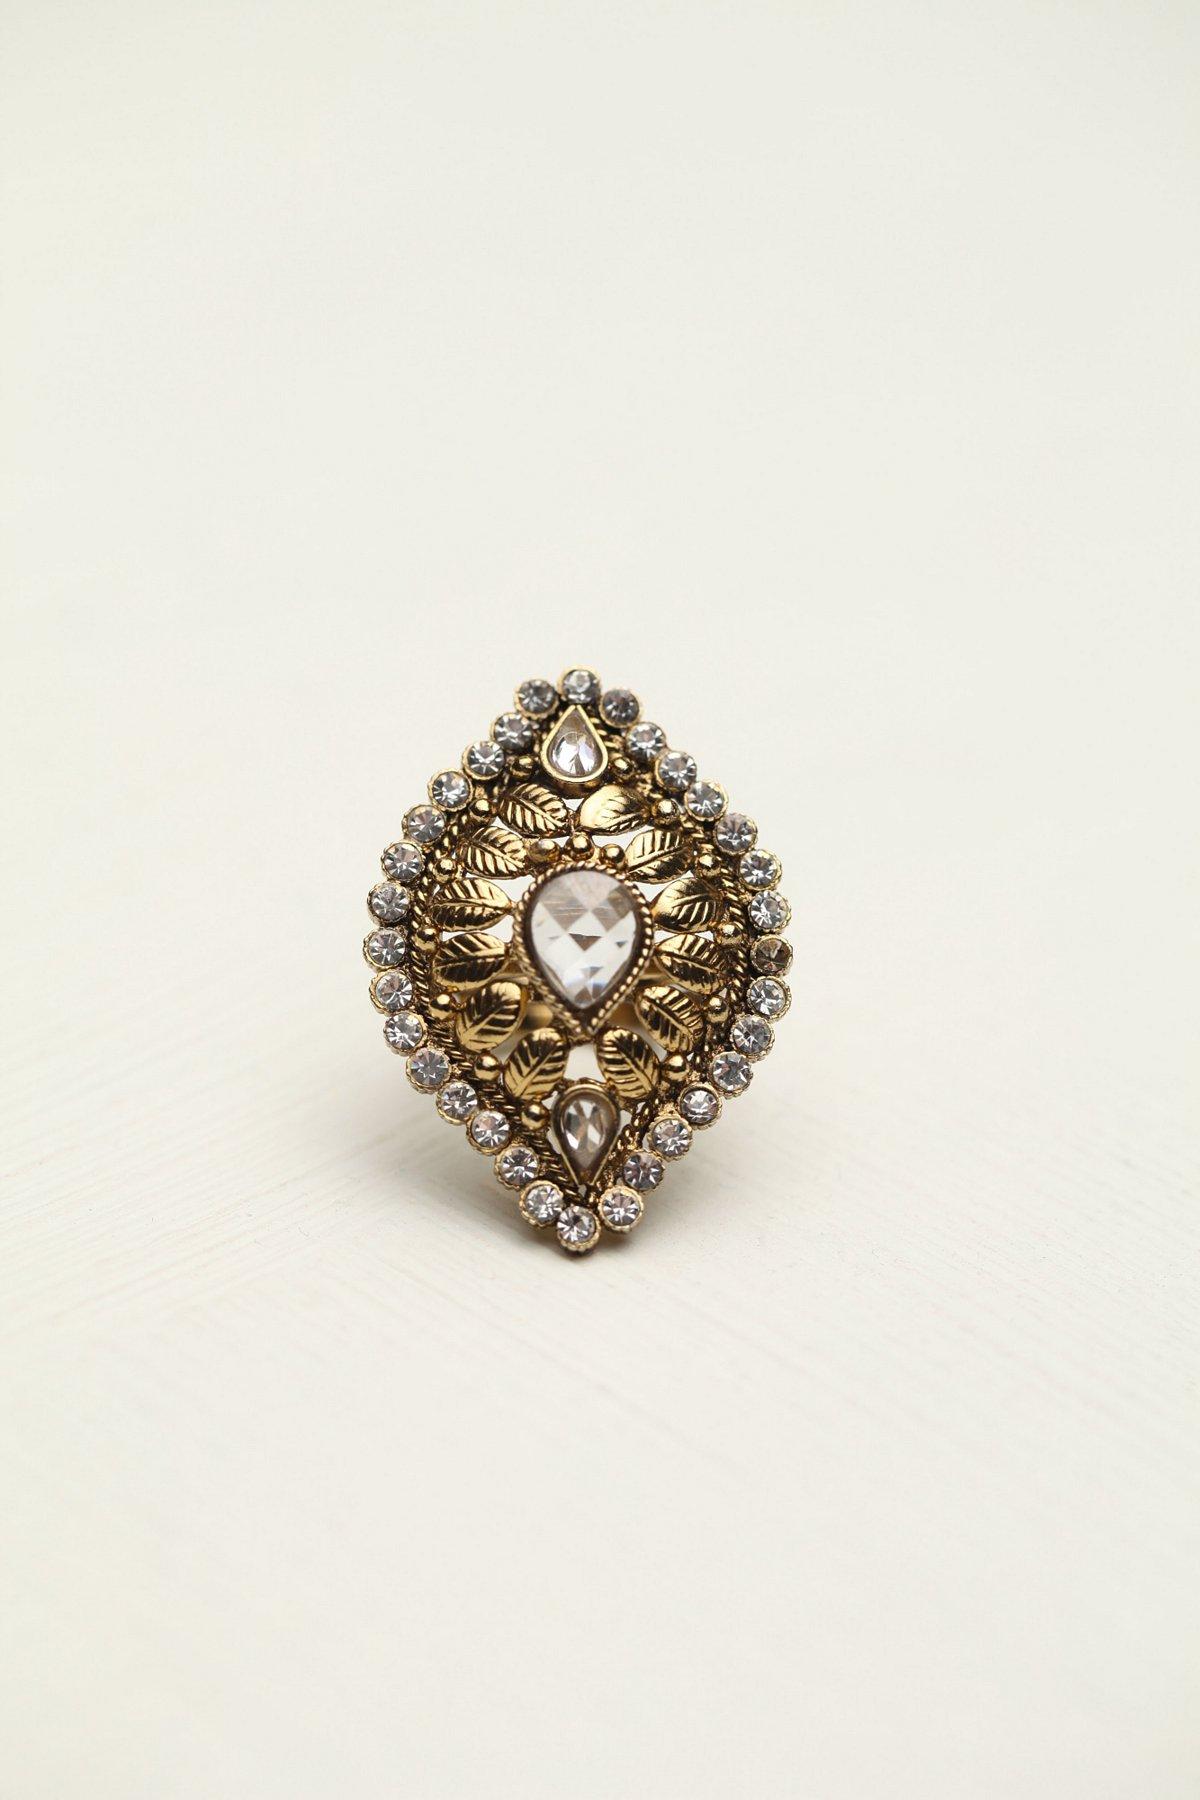 Henna Statement Ring